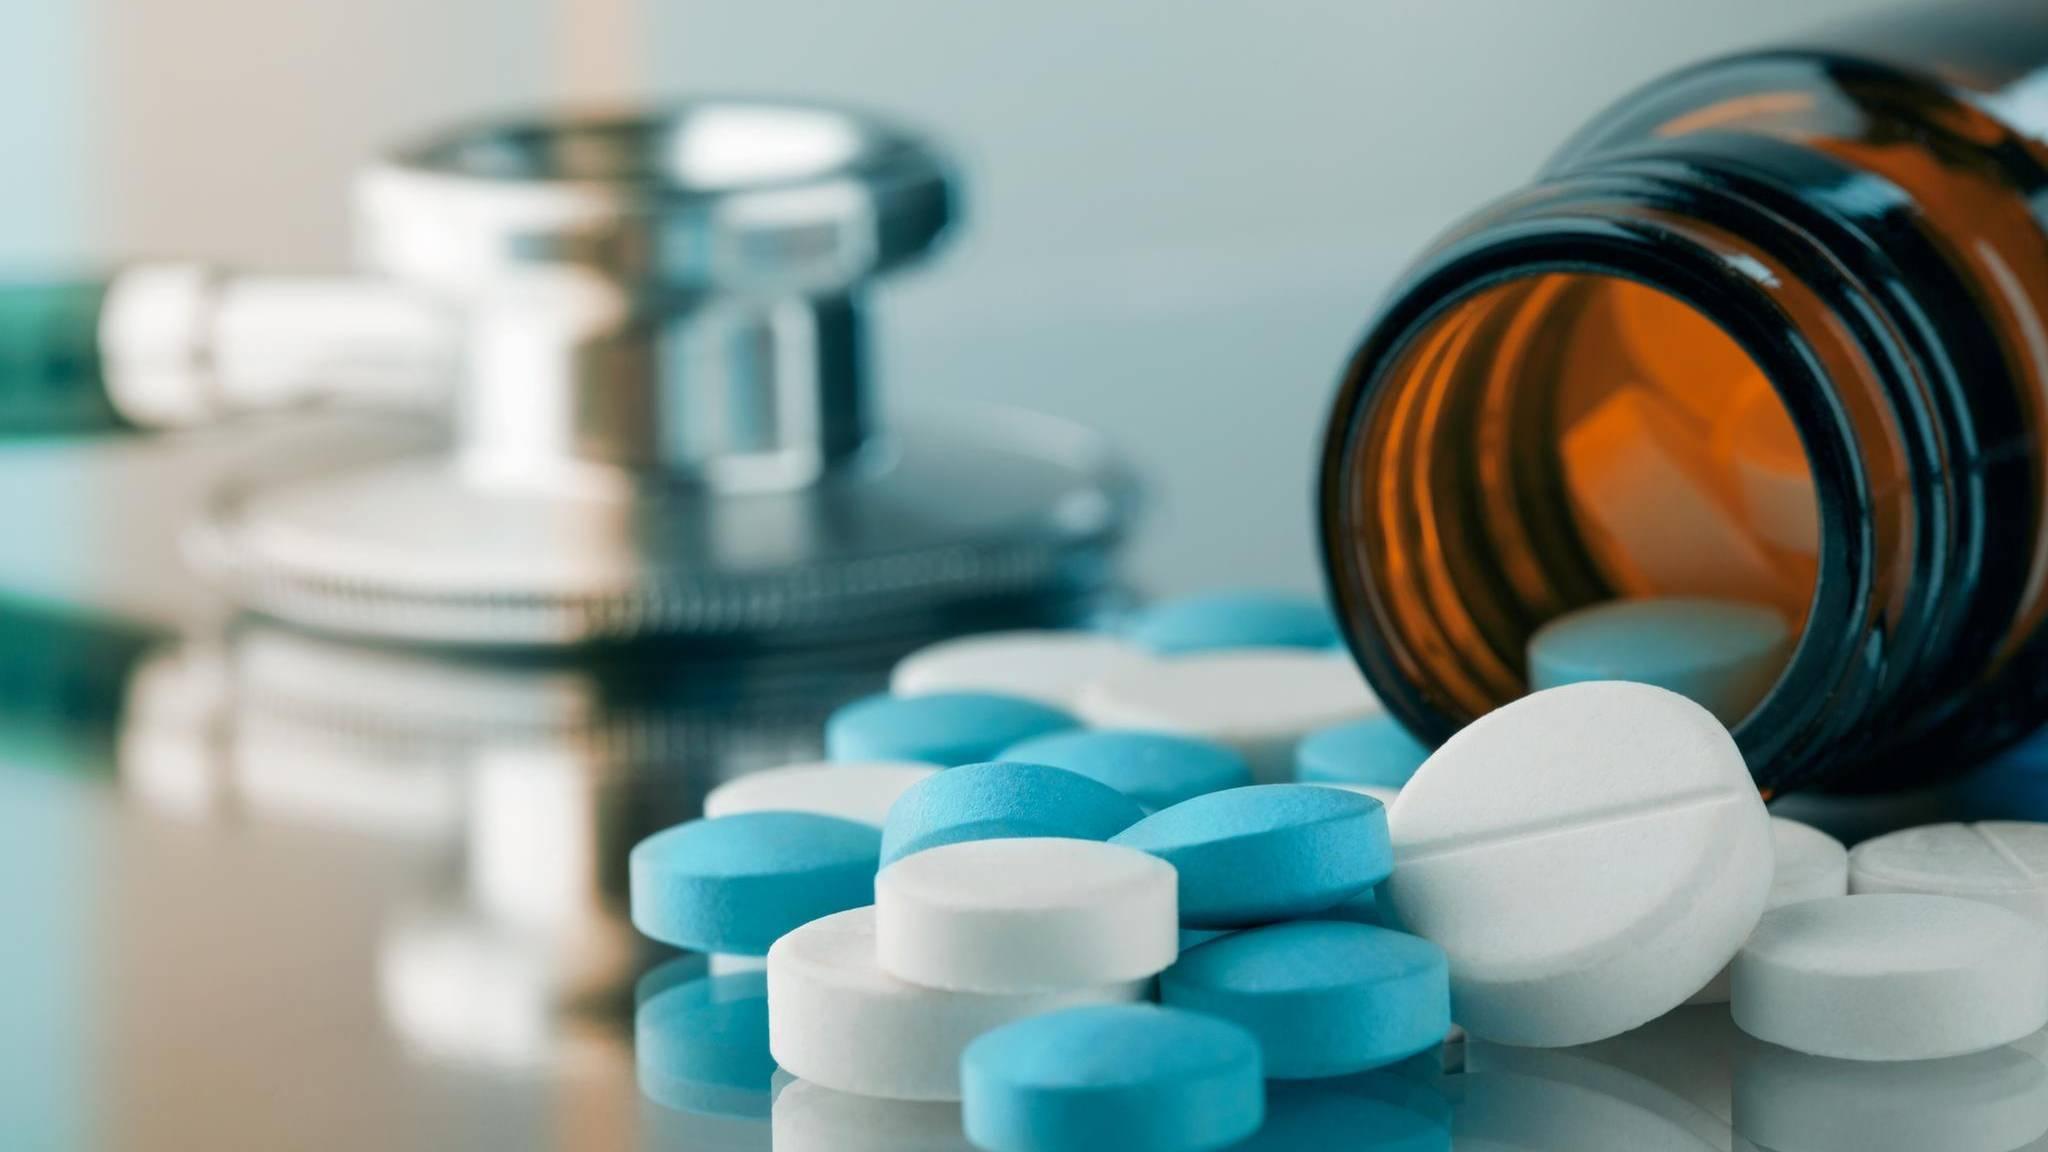 Medikamenten Preise Deutschland Ist Zweitteuerstes Land Auf Der